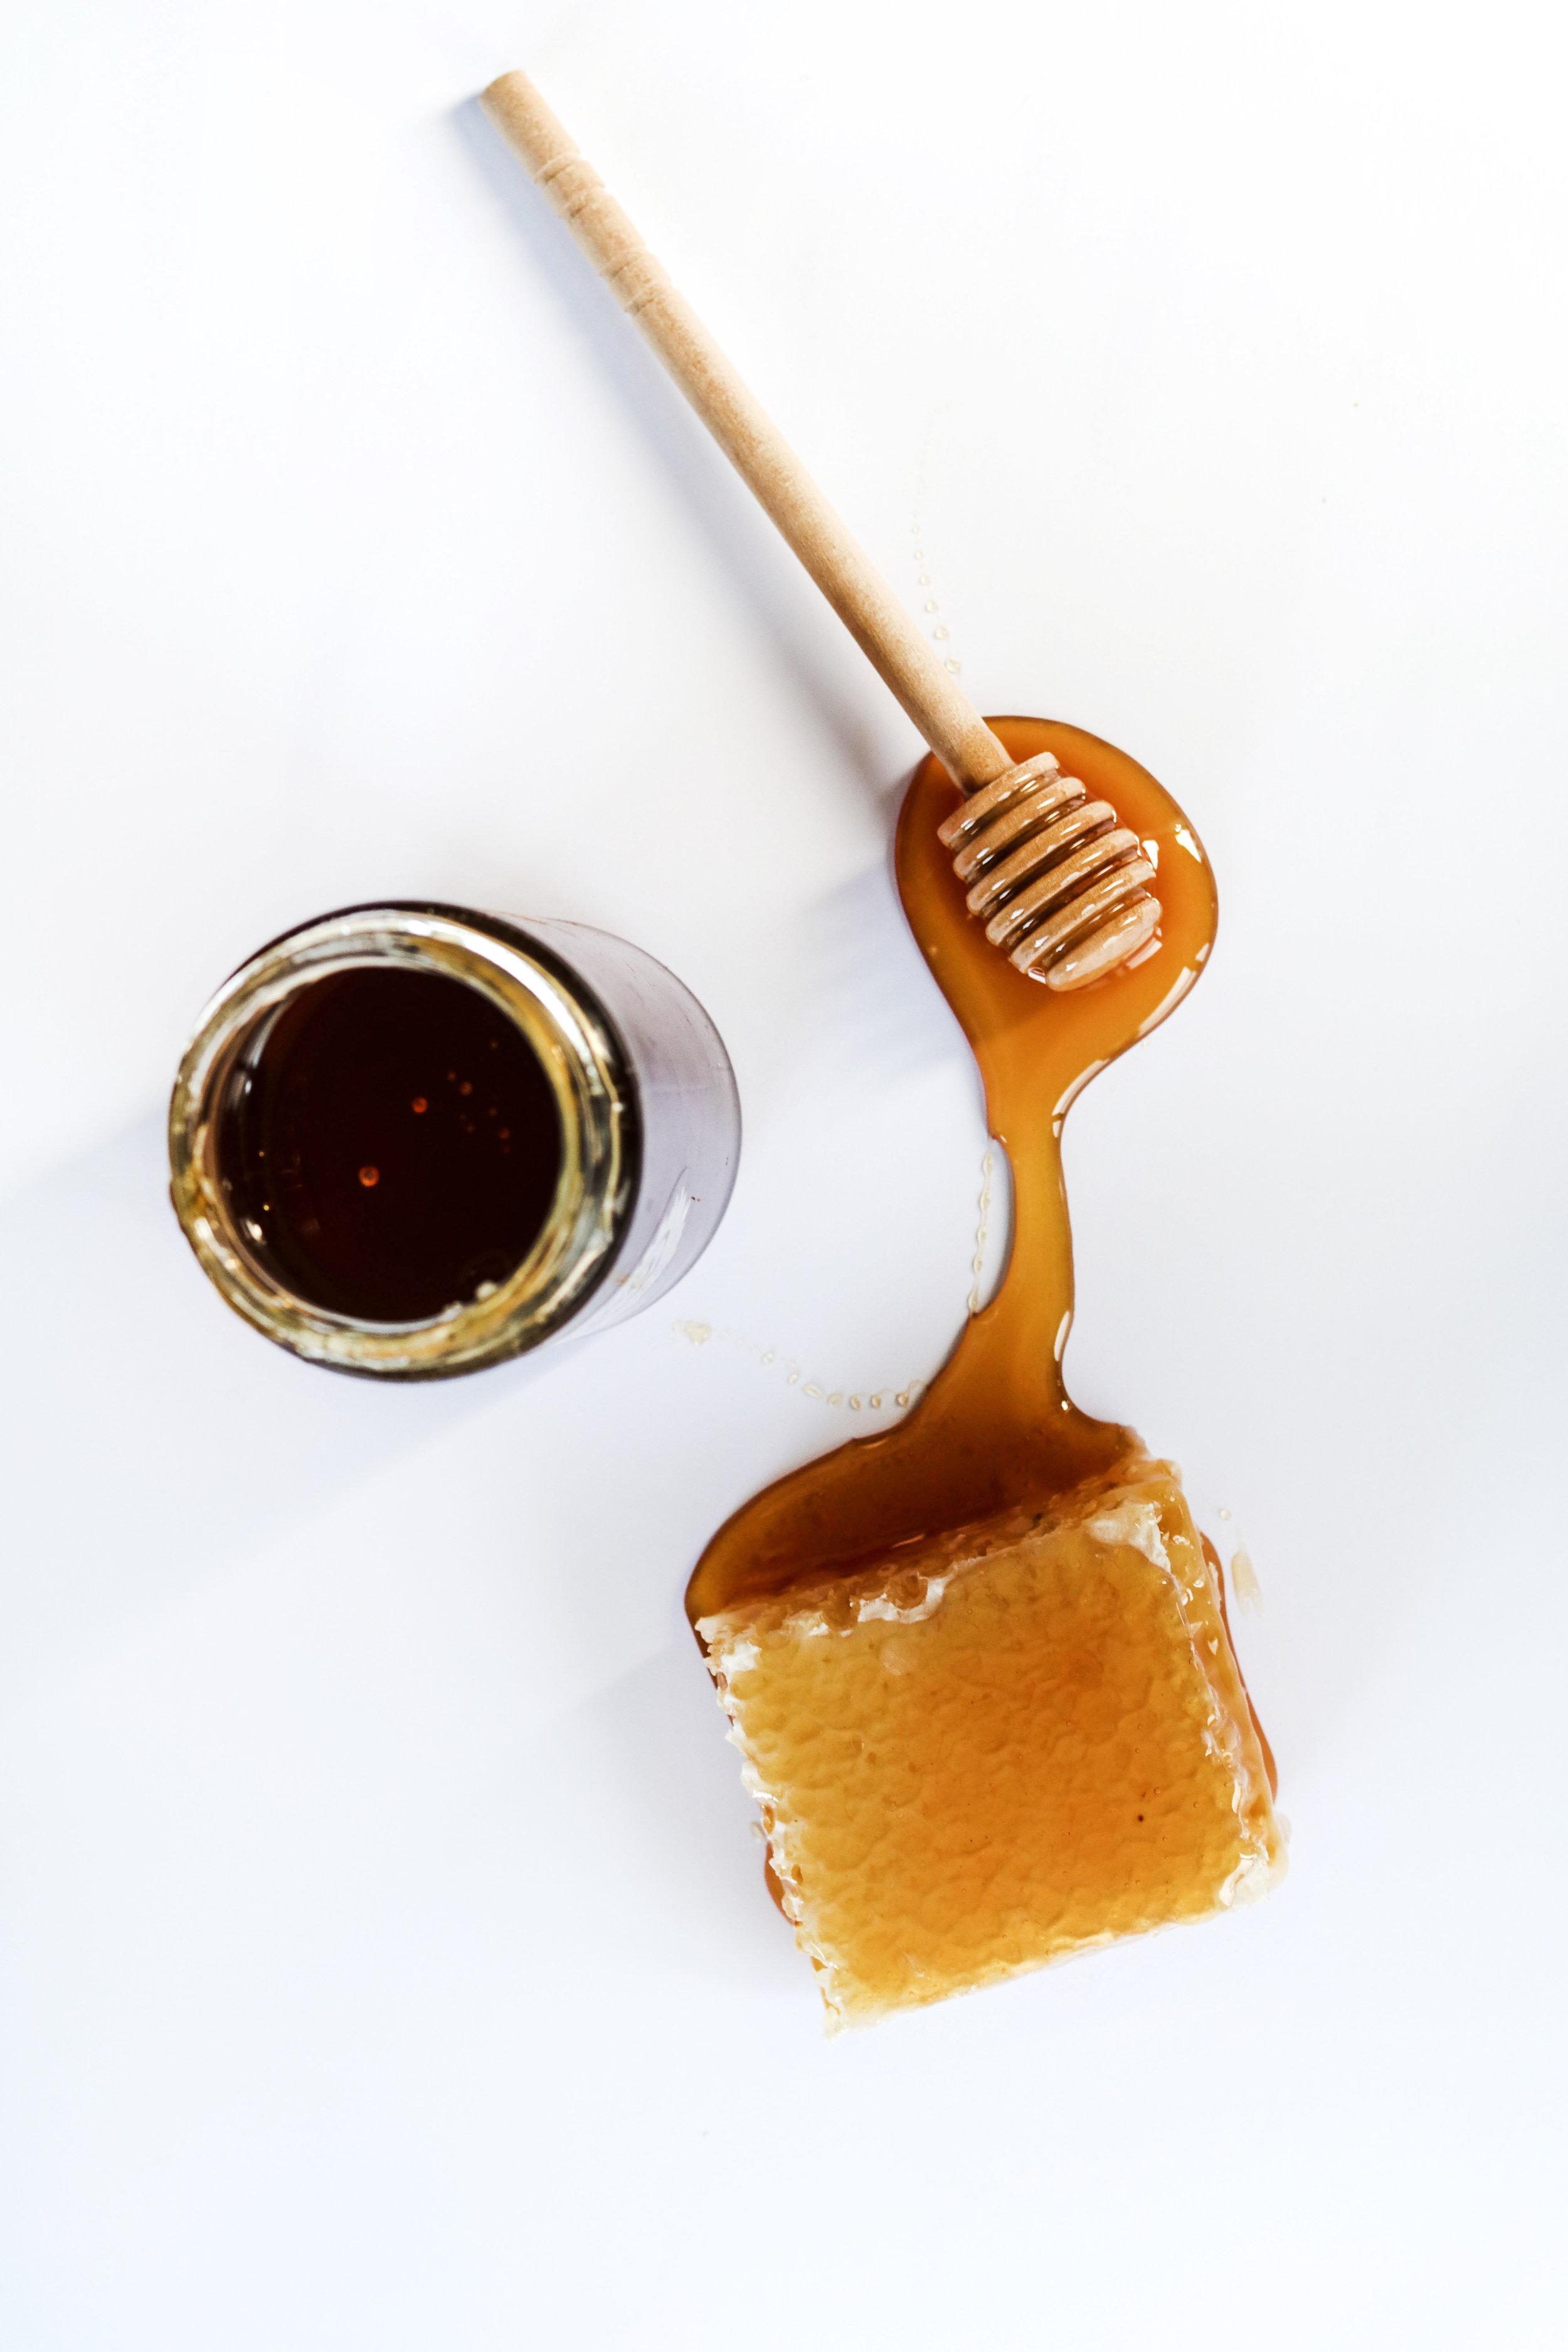 Wound + Burn Dressings, & Beyond - Herb Infused Honeys